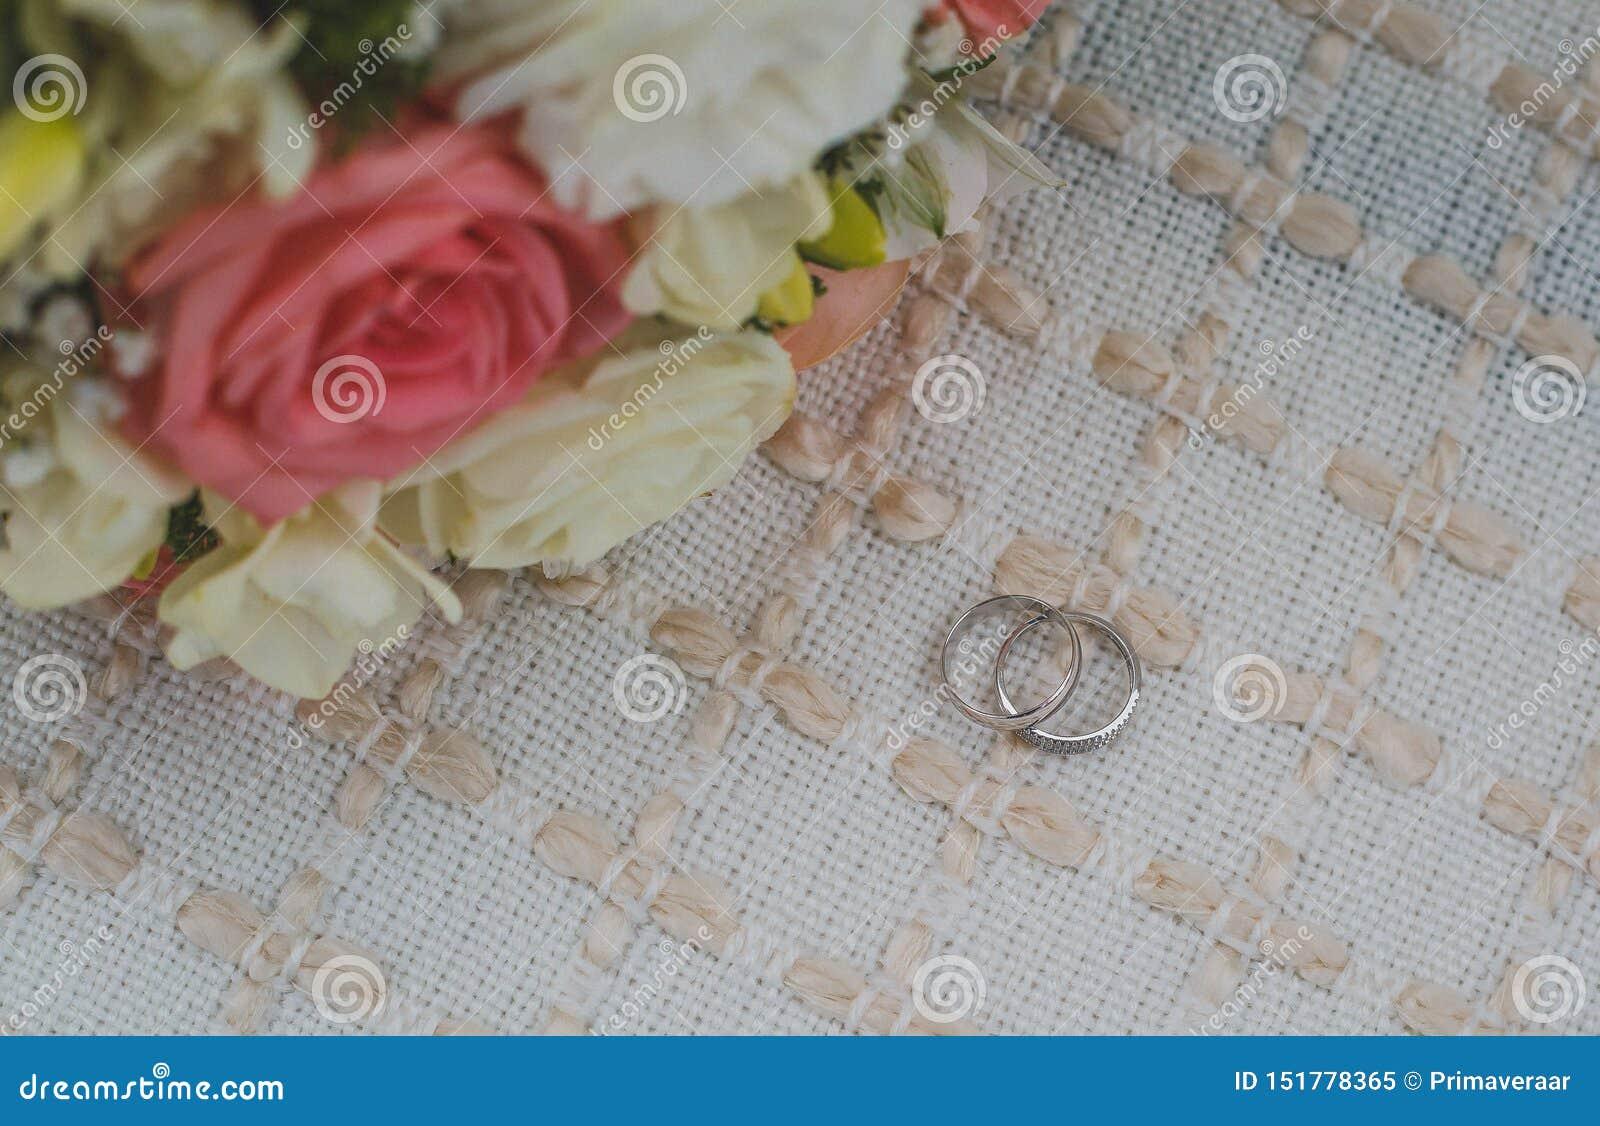 Weißgoldeheringe liegen auf einer beige Wolldecke, ein Brautblumenstrauß